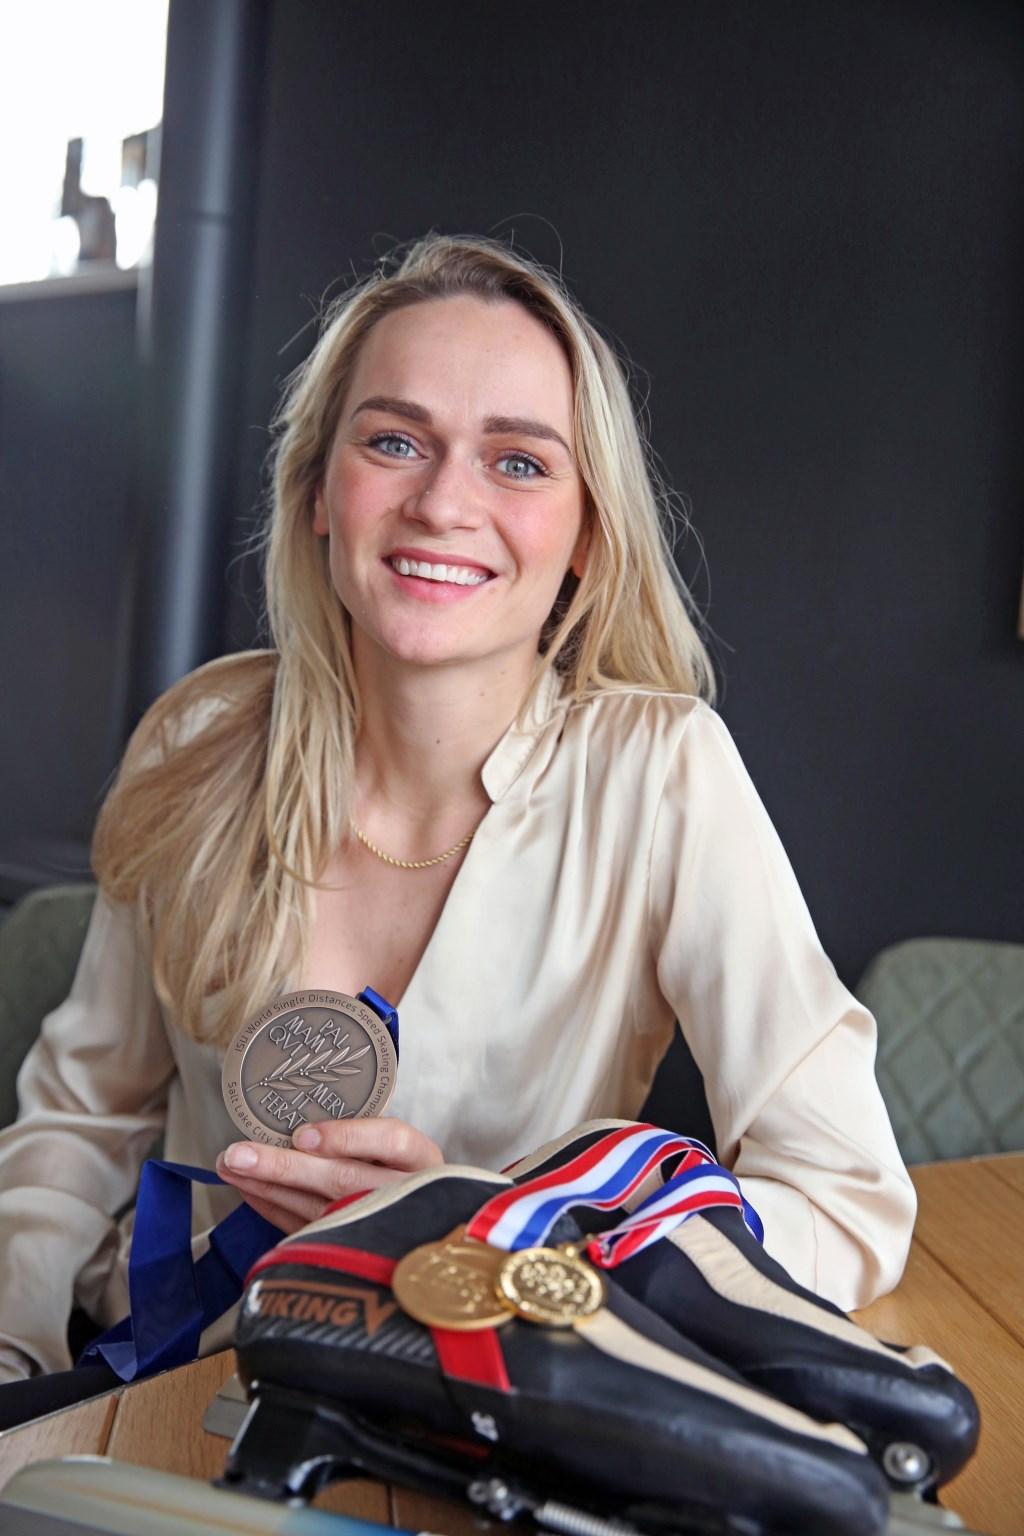 Irene heeft al een kast vol met medailles. (Foto: Theo Annes      06 53328812) © rodi